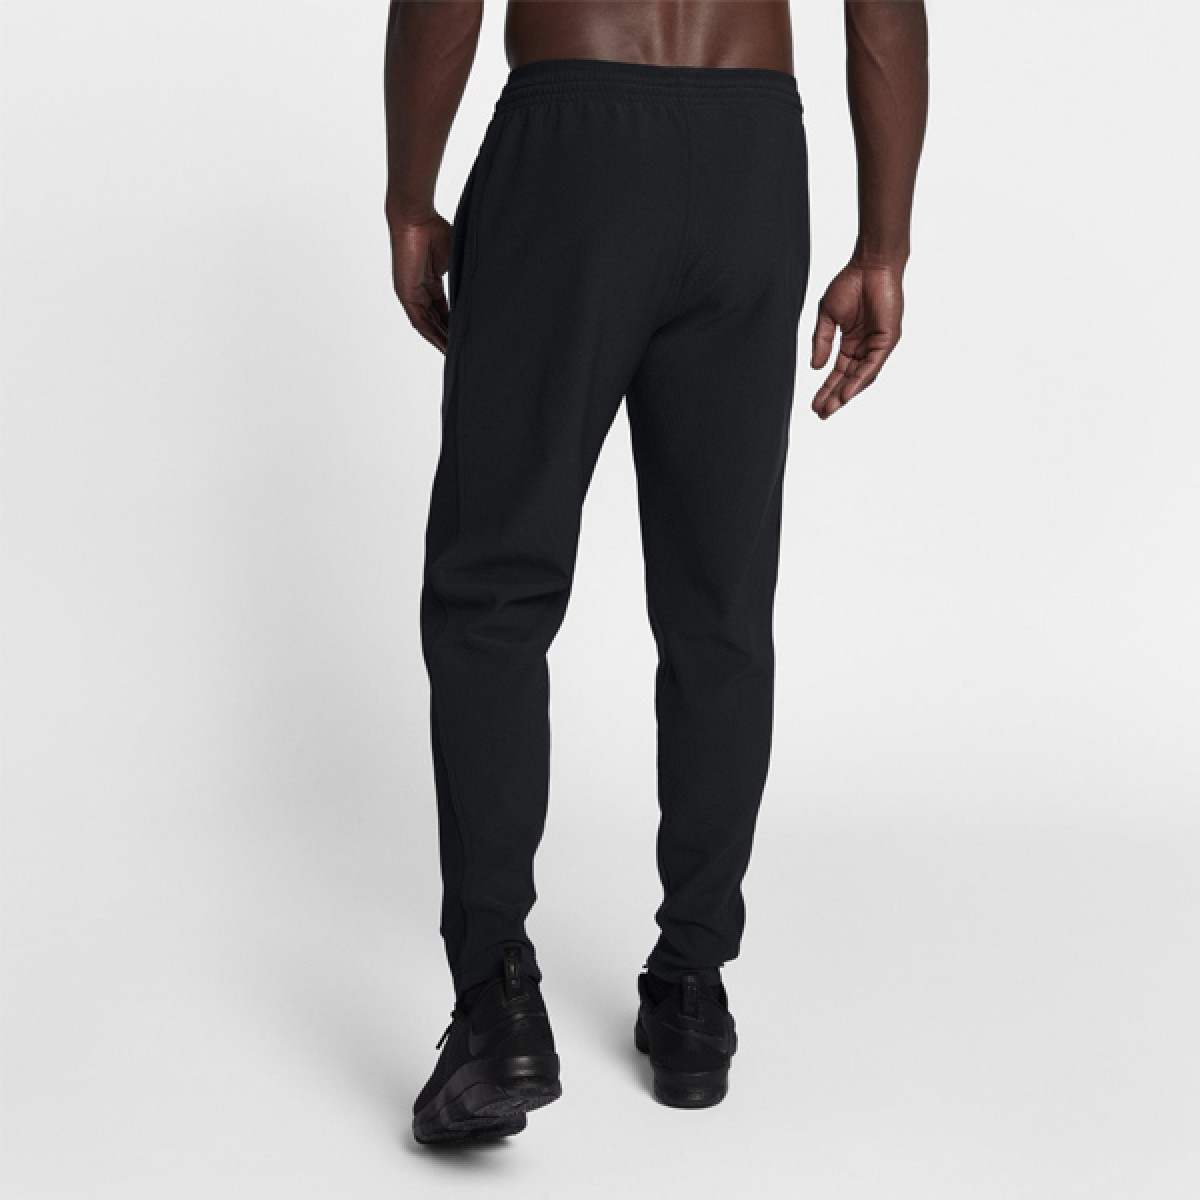 Nike Lebron Showtime Pant 'Black' 857147-010